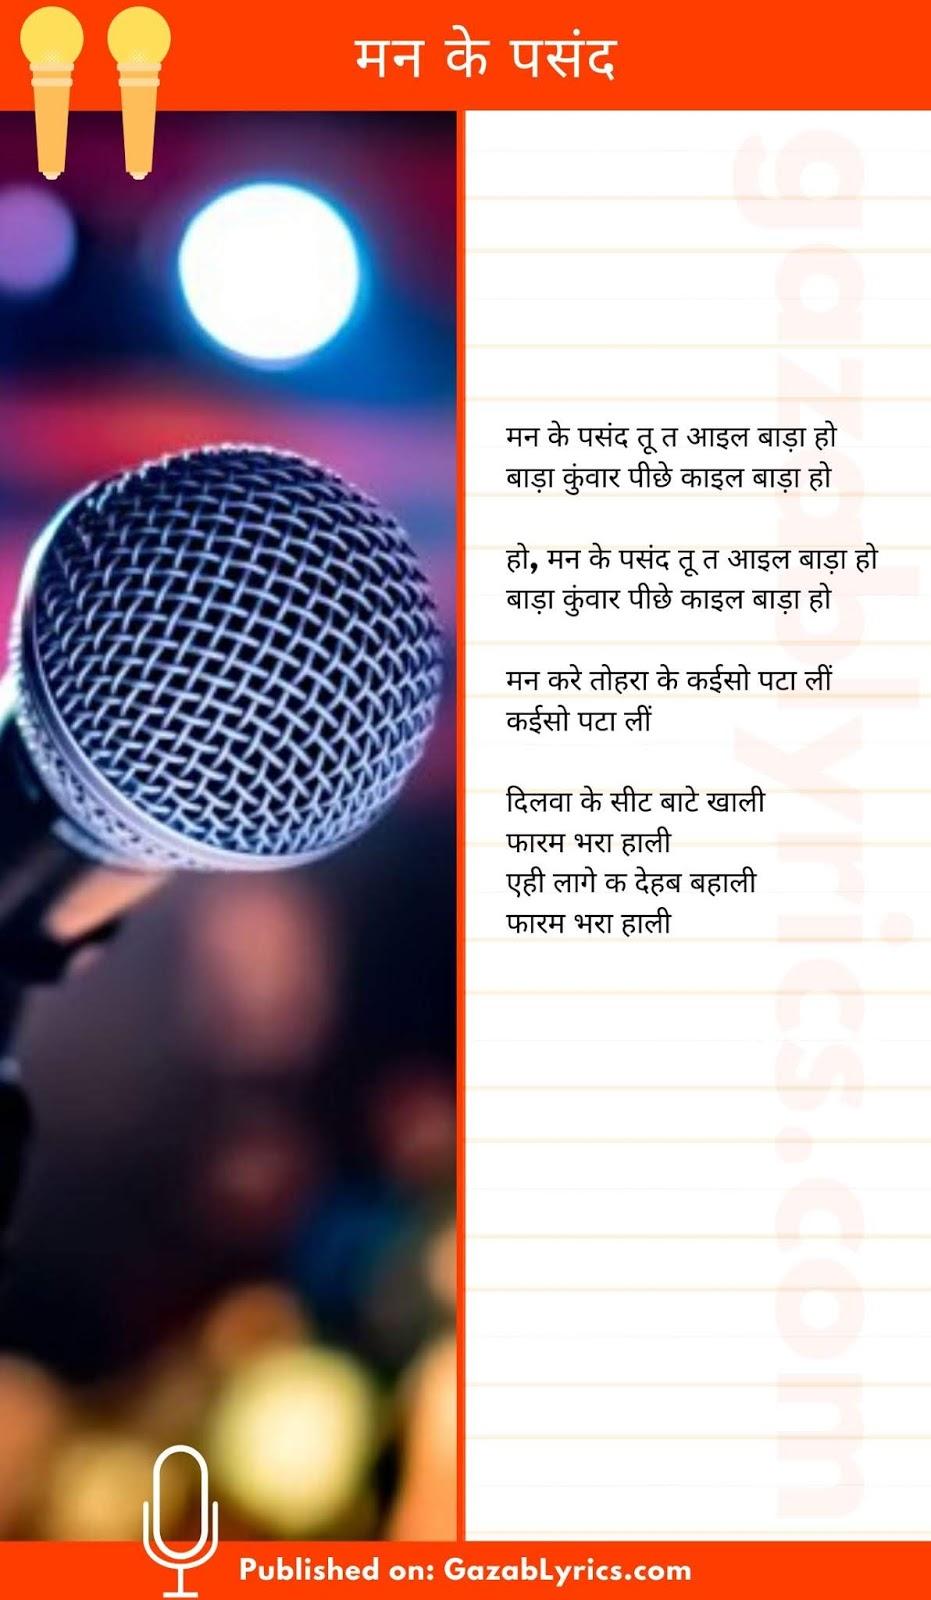 Man Ke Pasand song lyrics image